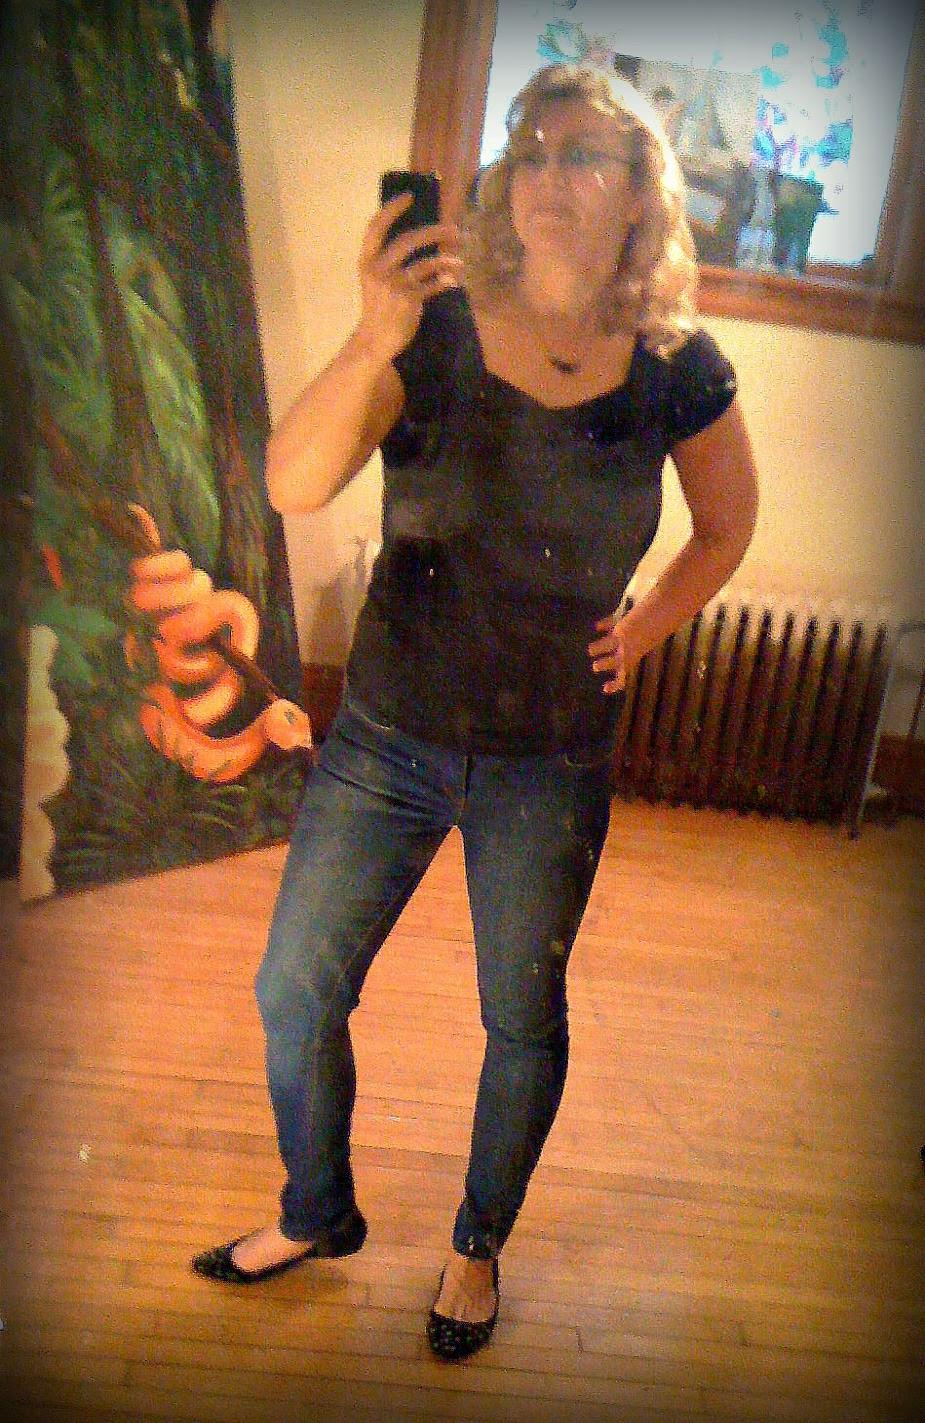 Me in Skinny Jeans!